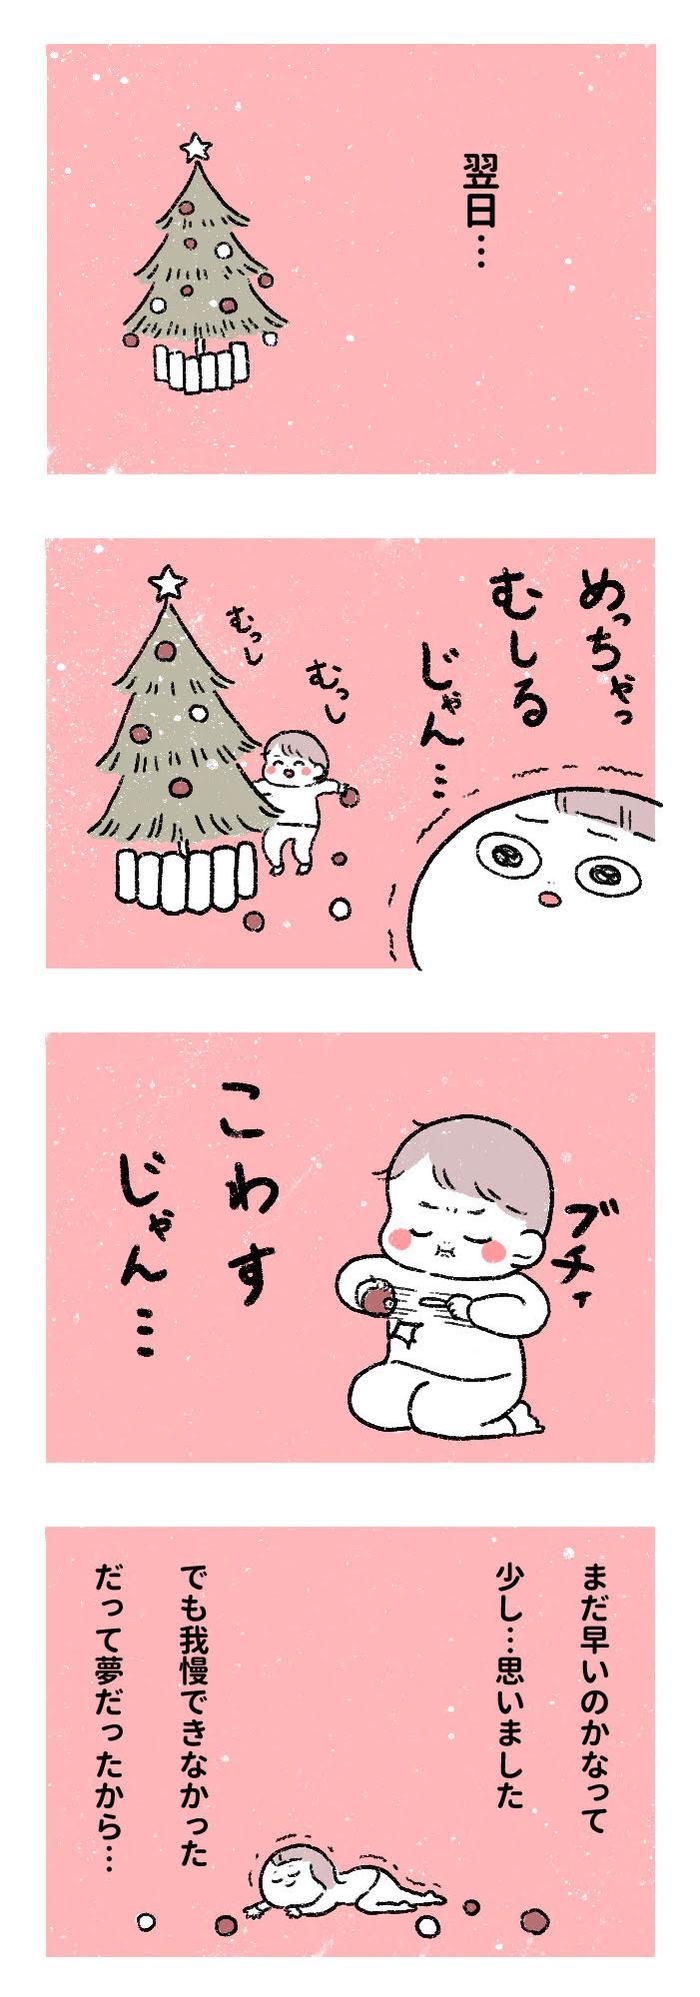 憧れのクリスマスツリーのはずが…。小さい子どもとツリーの相性は最悪だった(涙)の画像2